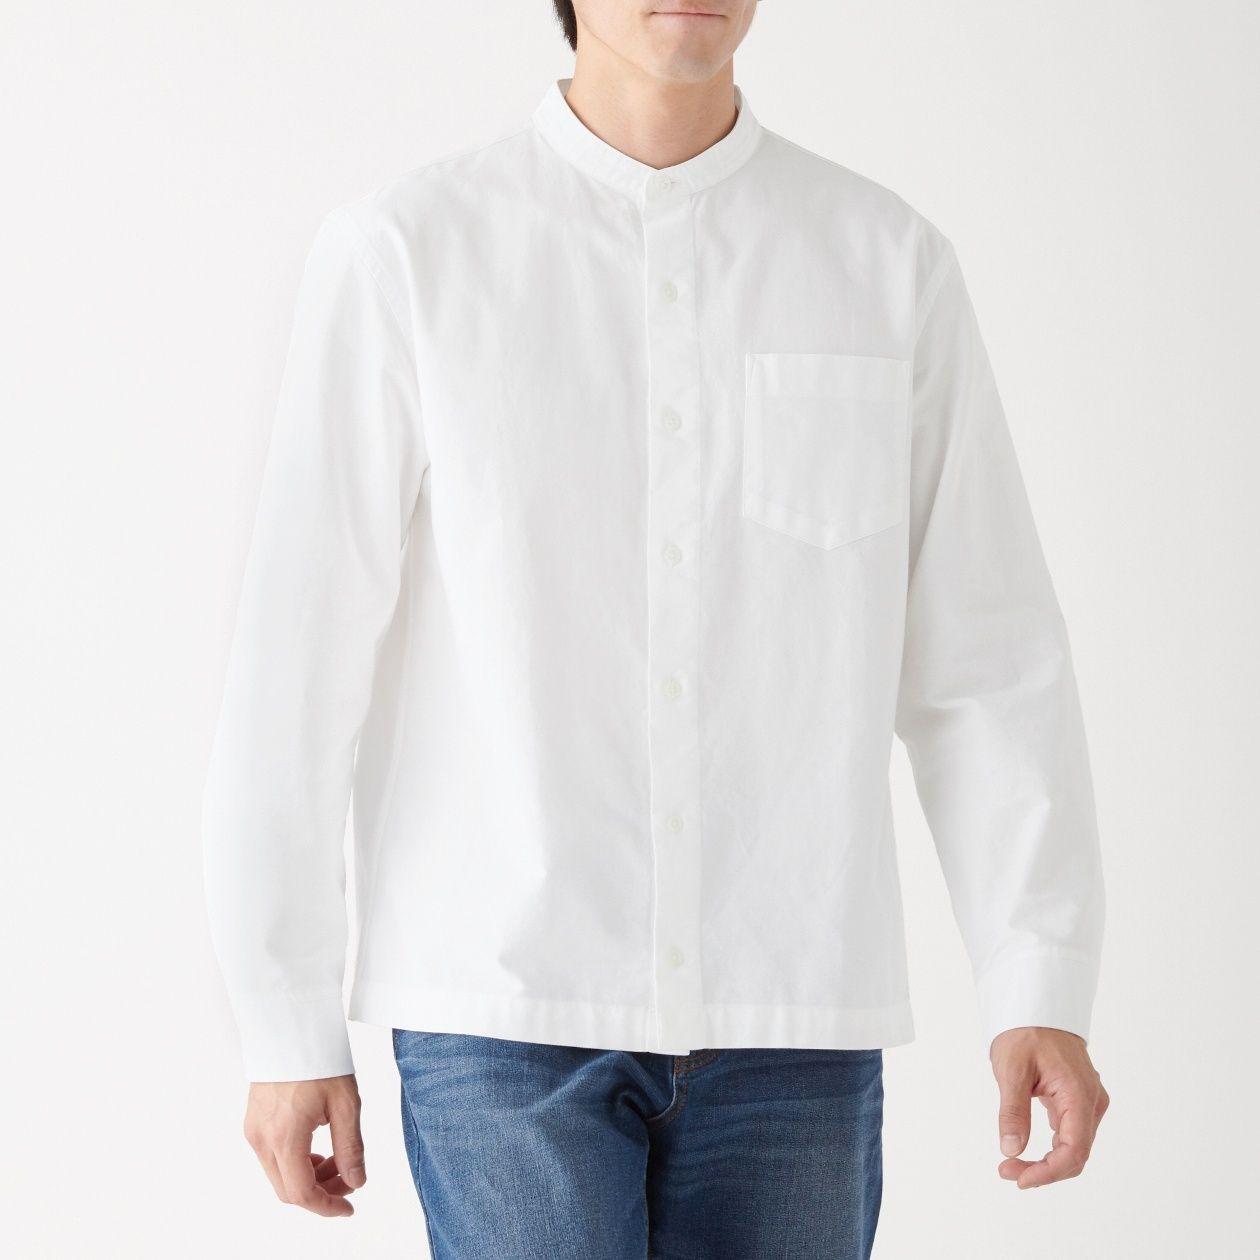 新疆綿オックススタンドカラーシャツ